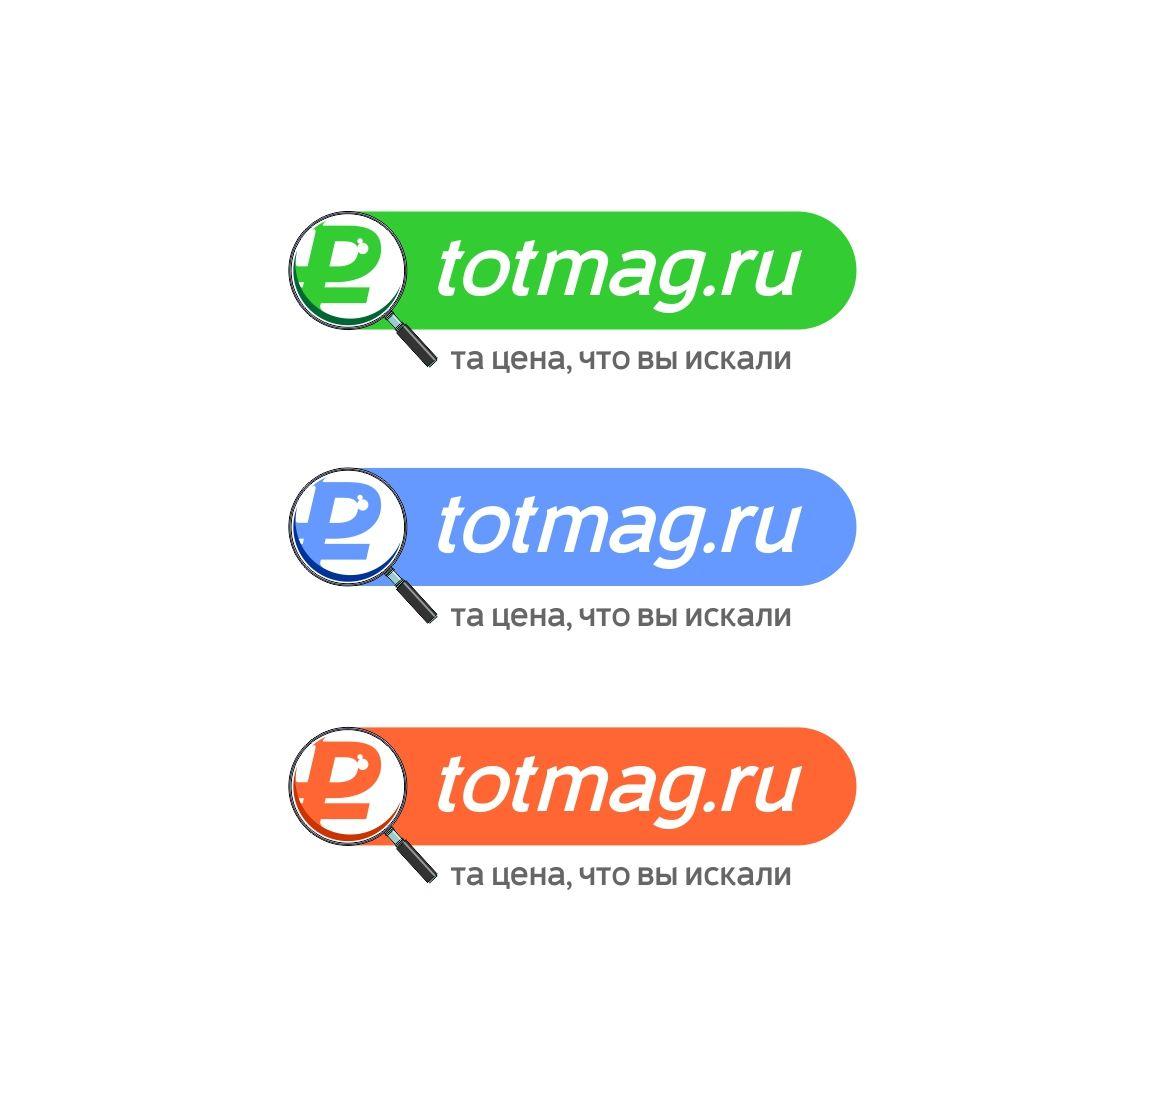 Логотип для интернет магазина totmag.ru - дизайнер skavronski